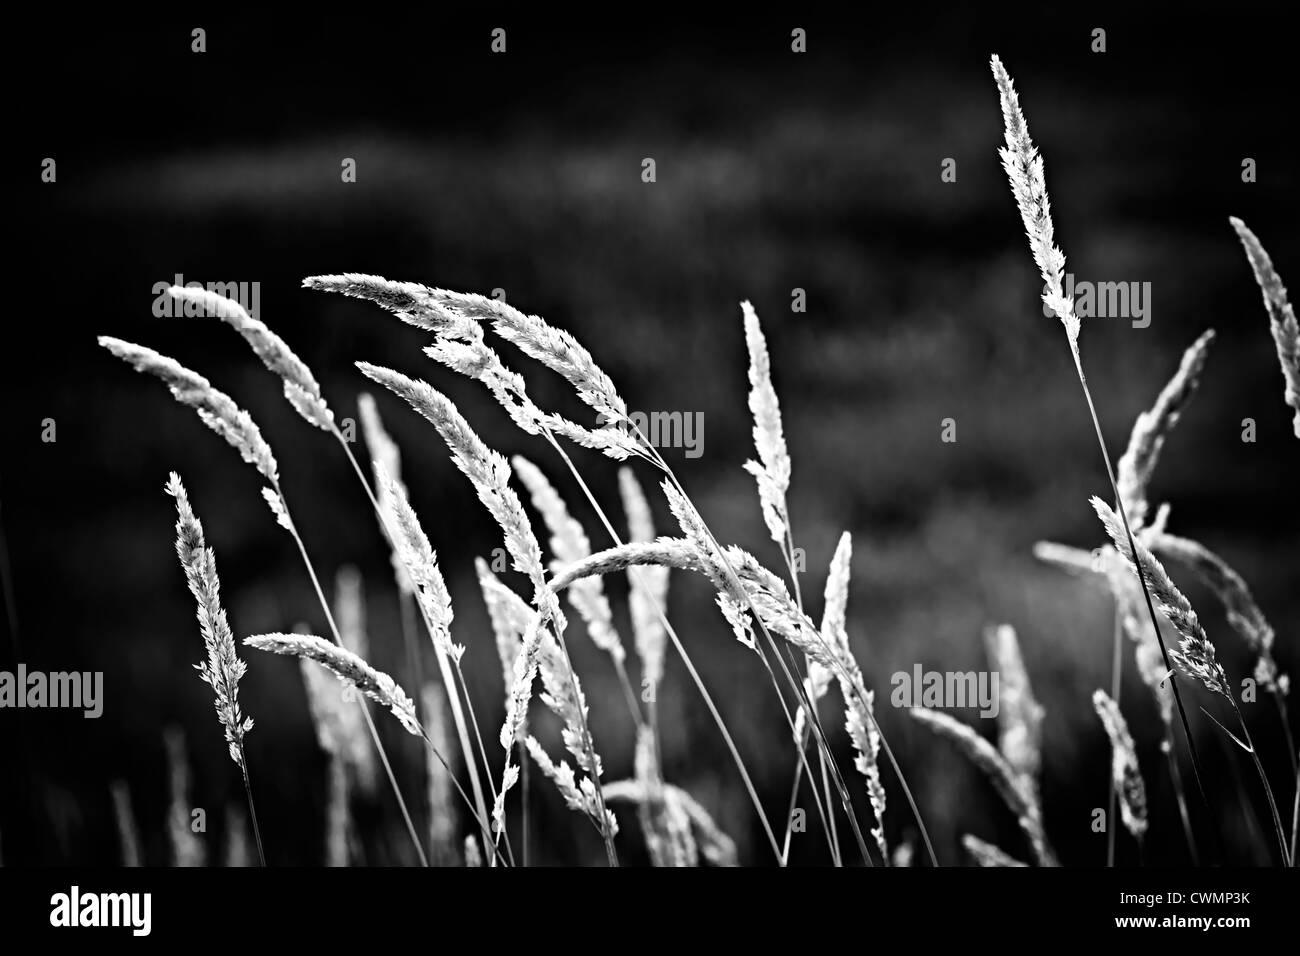 Altos tallos de pasto silvestre creciendo en blanco y negro Imagen De Stock